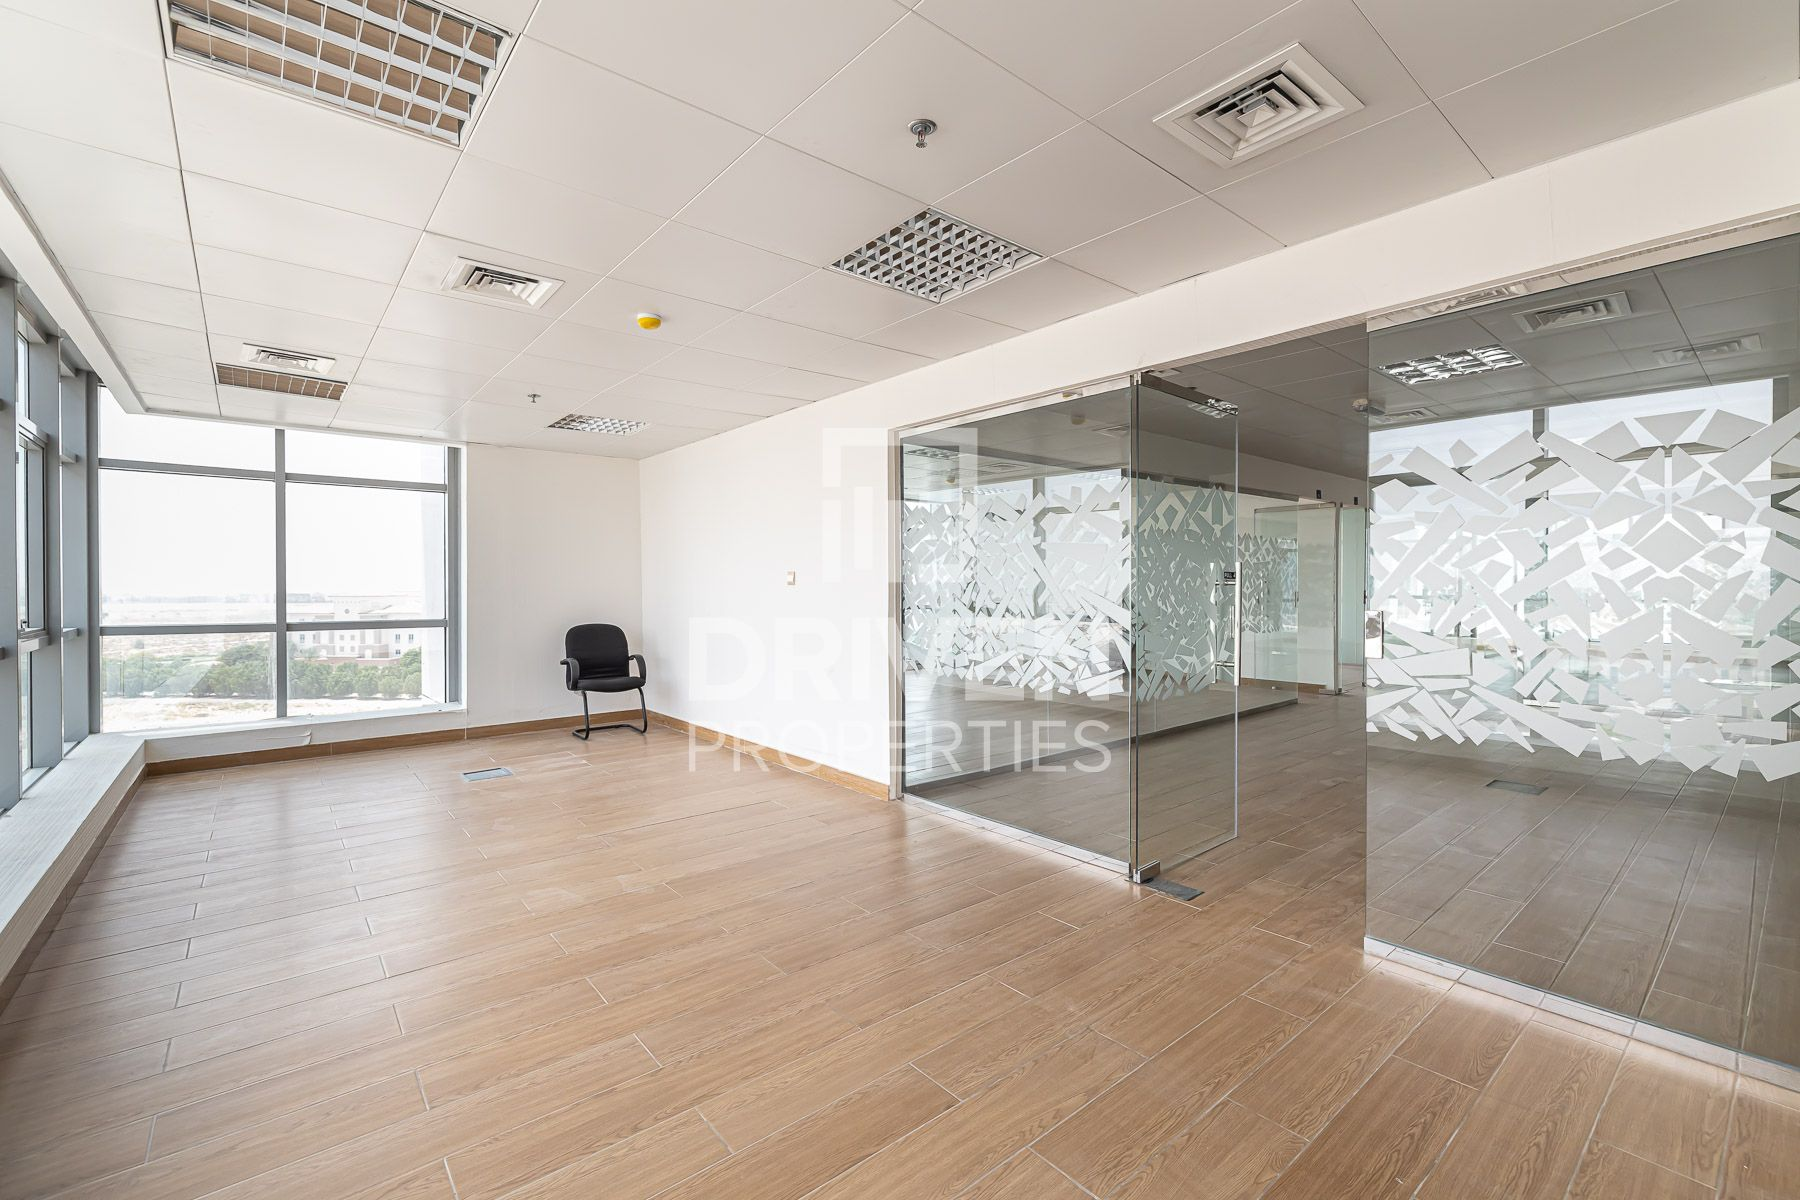 للايجار - مكتب -  - مجمع دبي للإستثمار